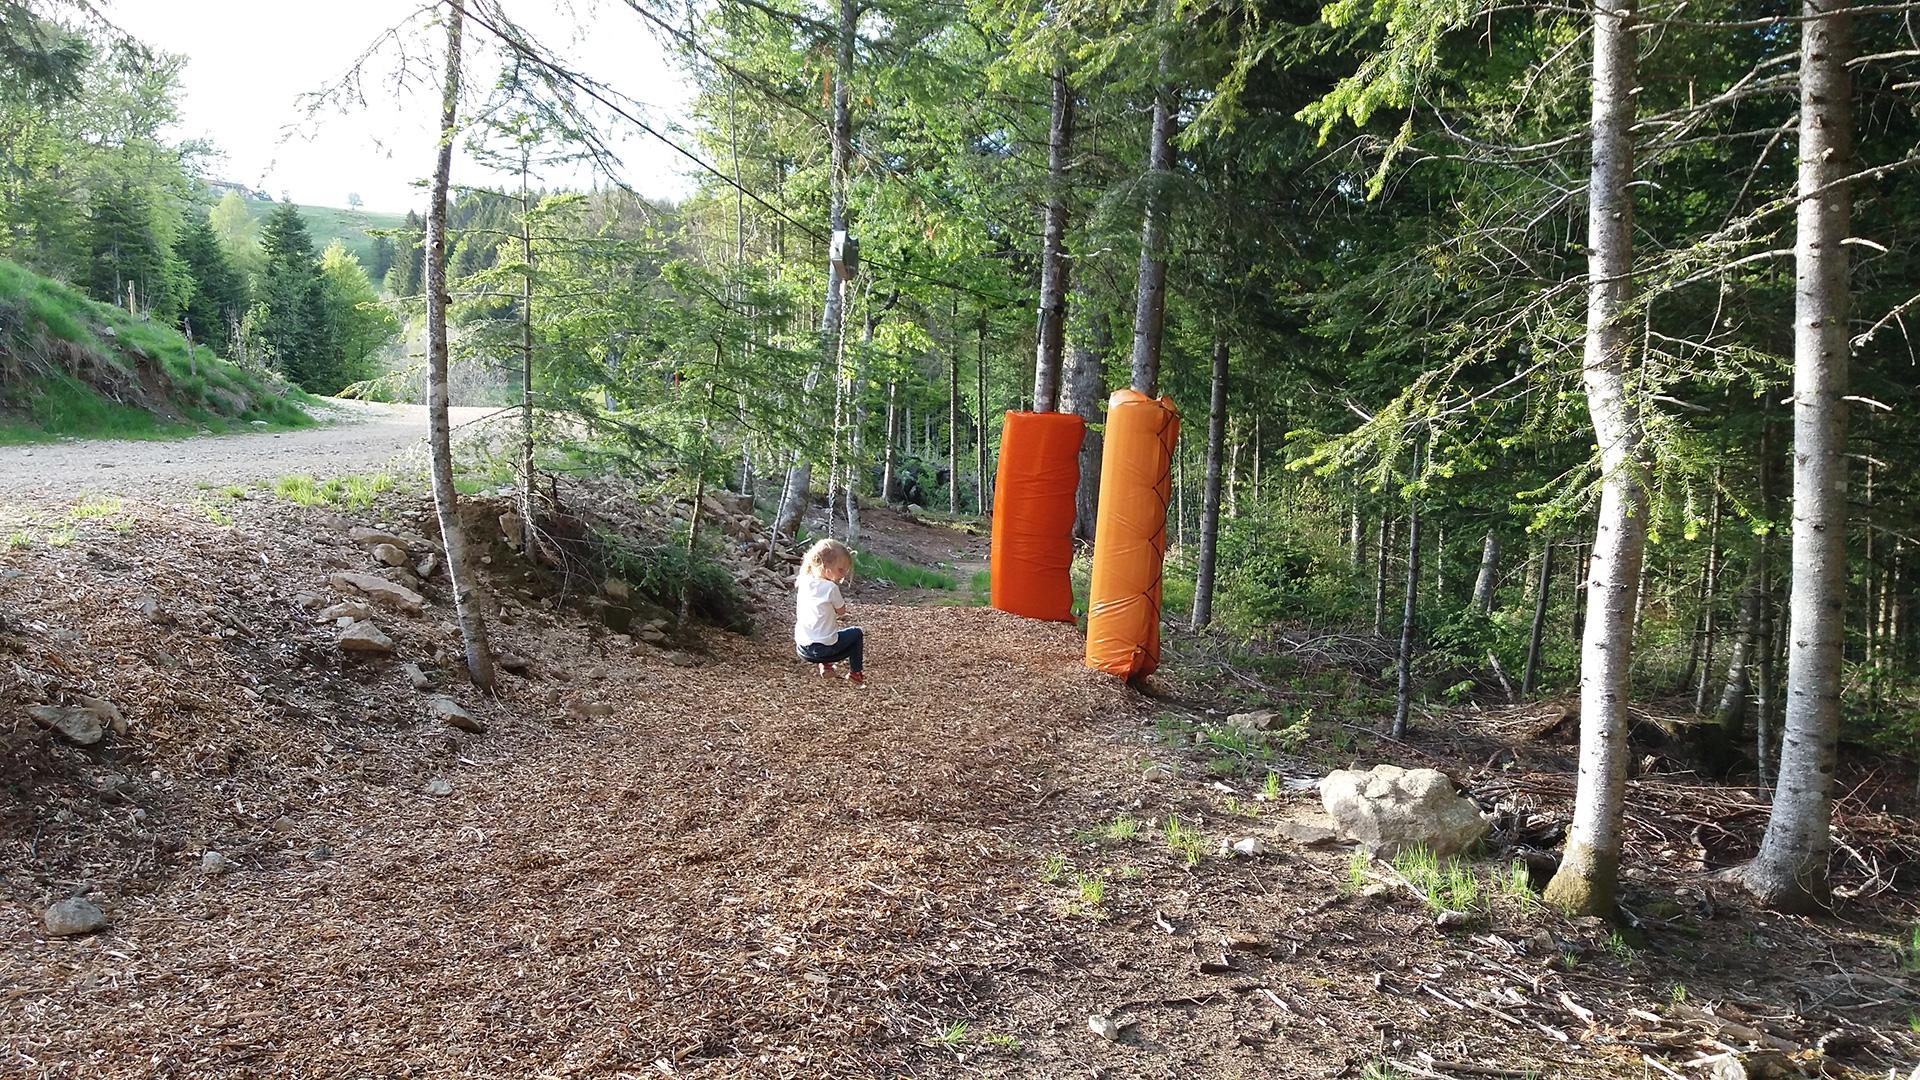 praboure-parc-activite-montagne-mini-tyrolienne-slider